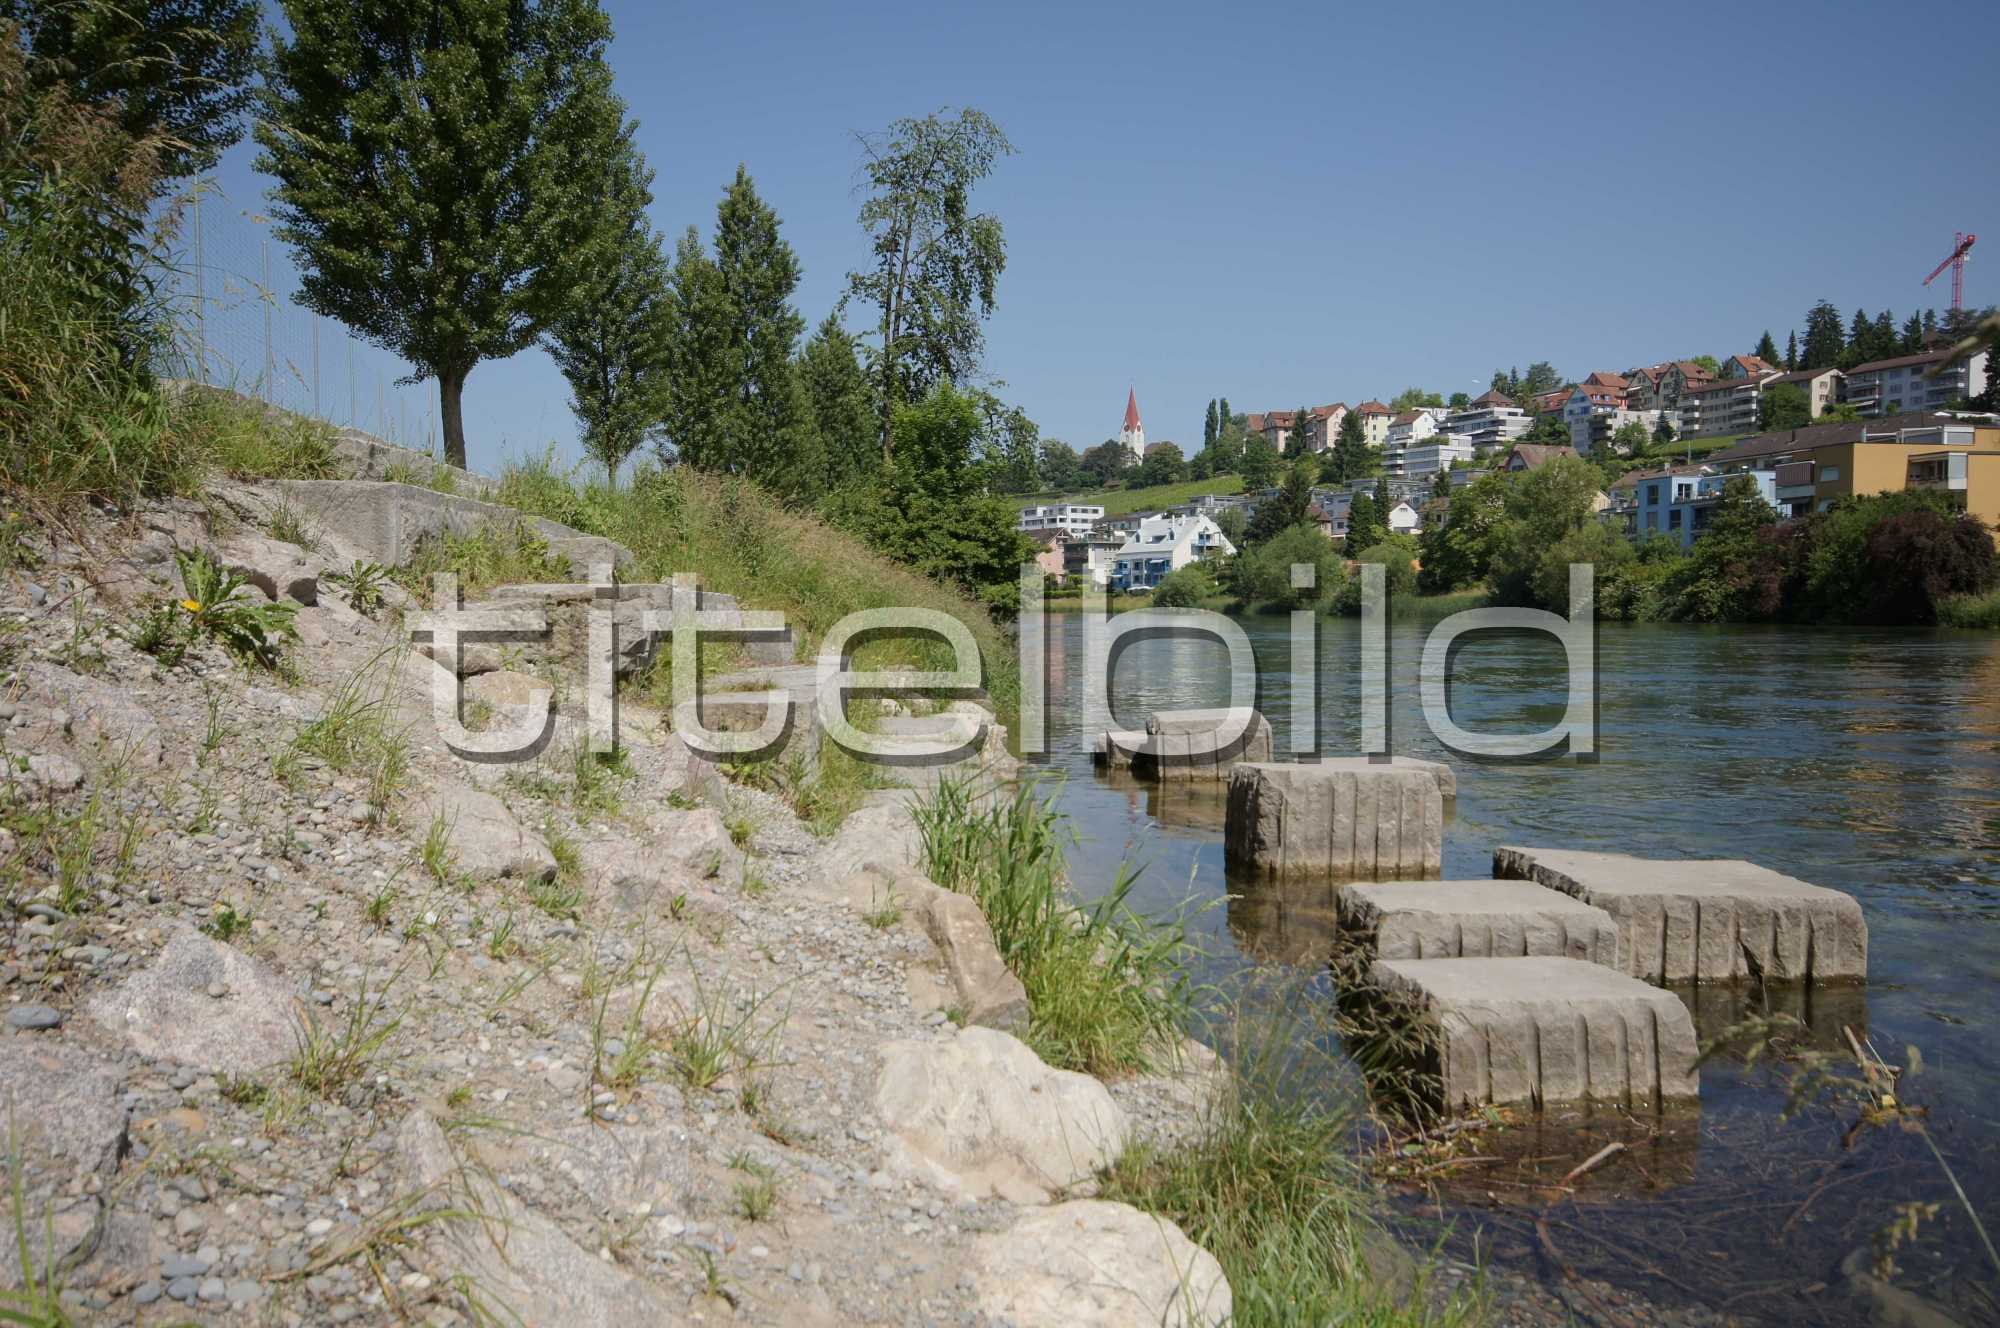 Projektbild-Nr. 0: Fischerweg, Abschnitt Hardturmstrasse 214 bis Hönggerwehr,